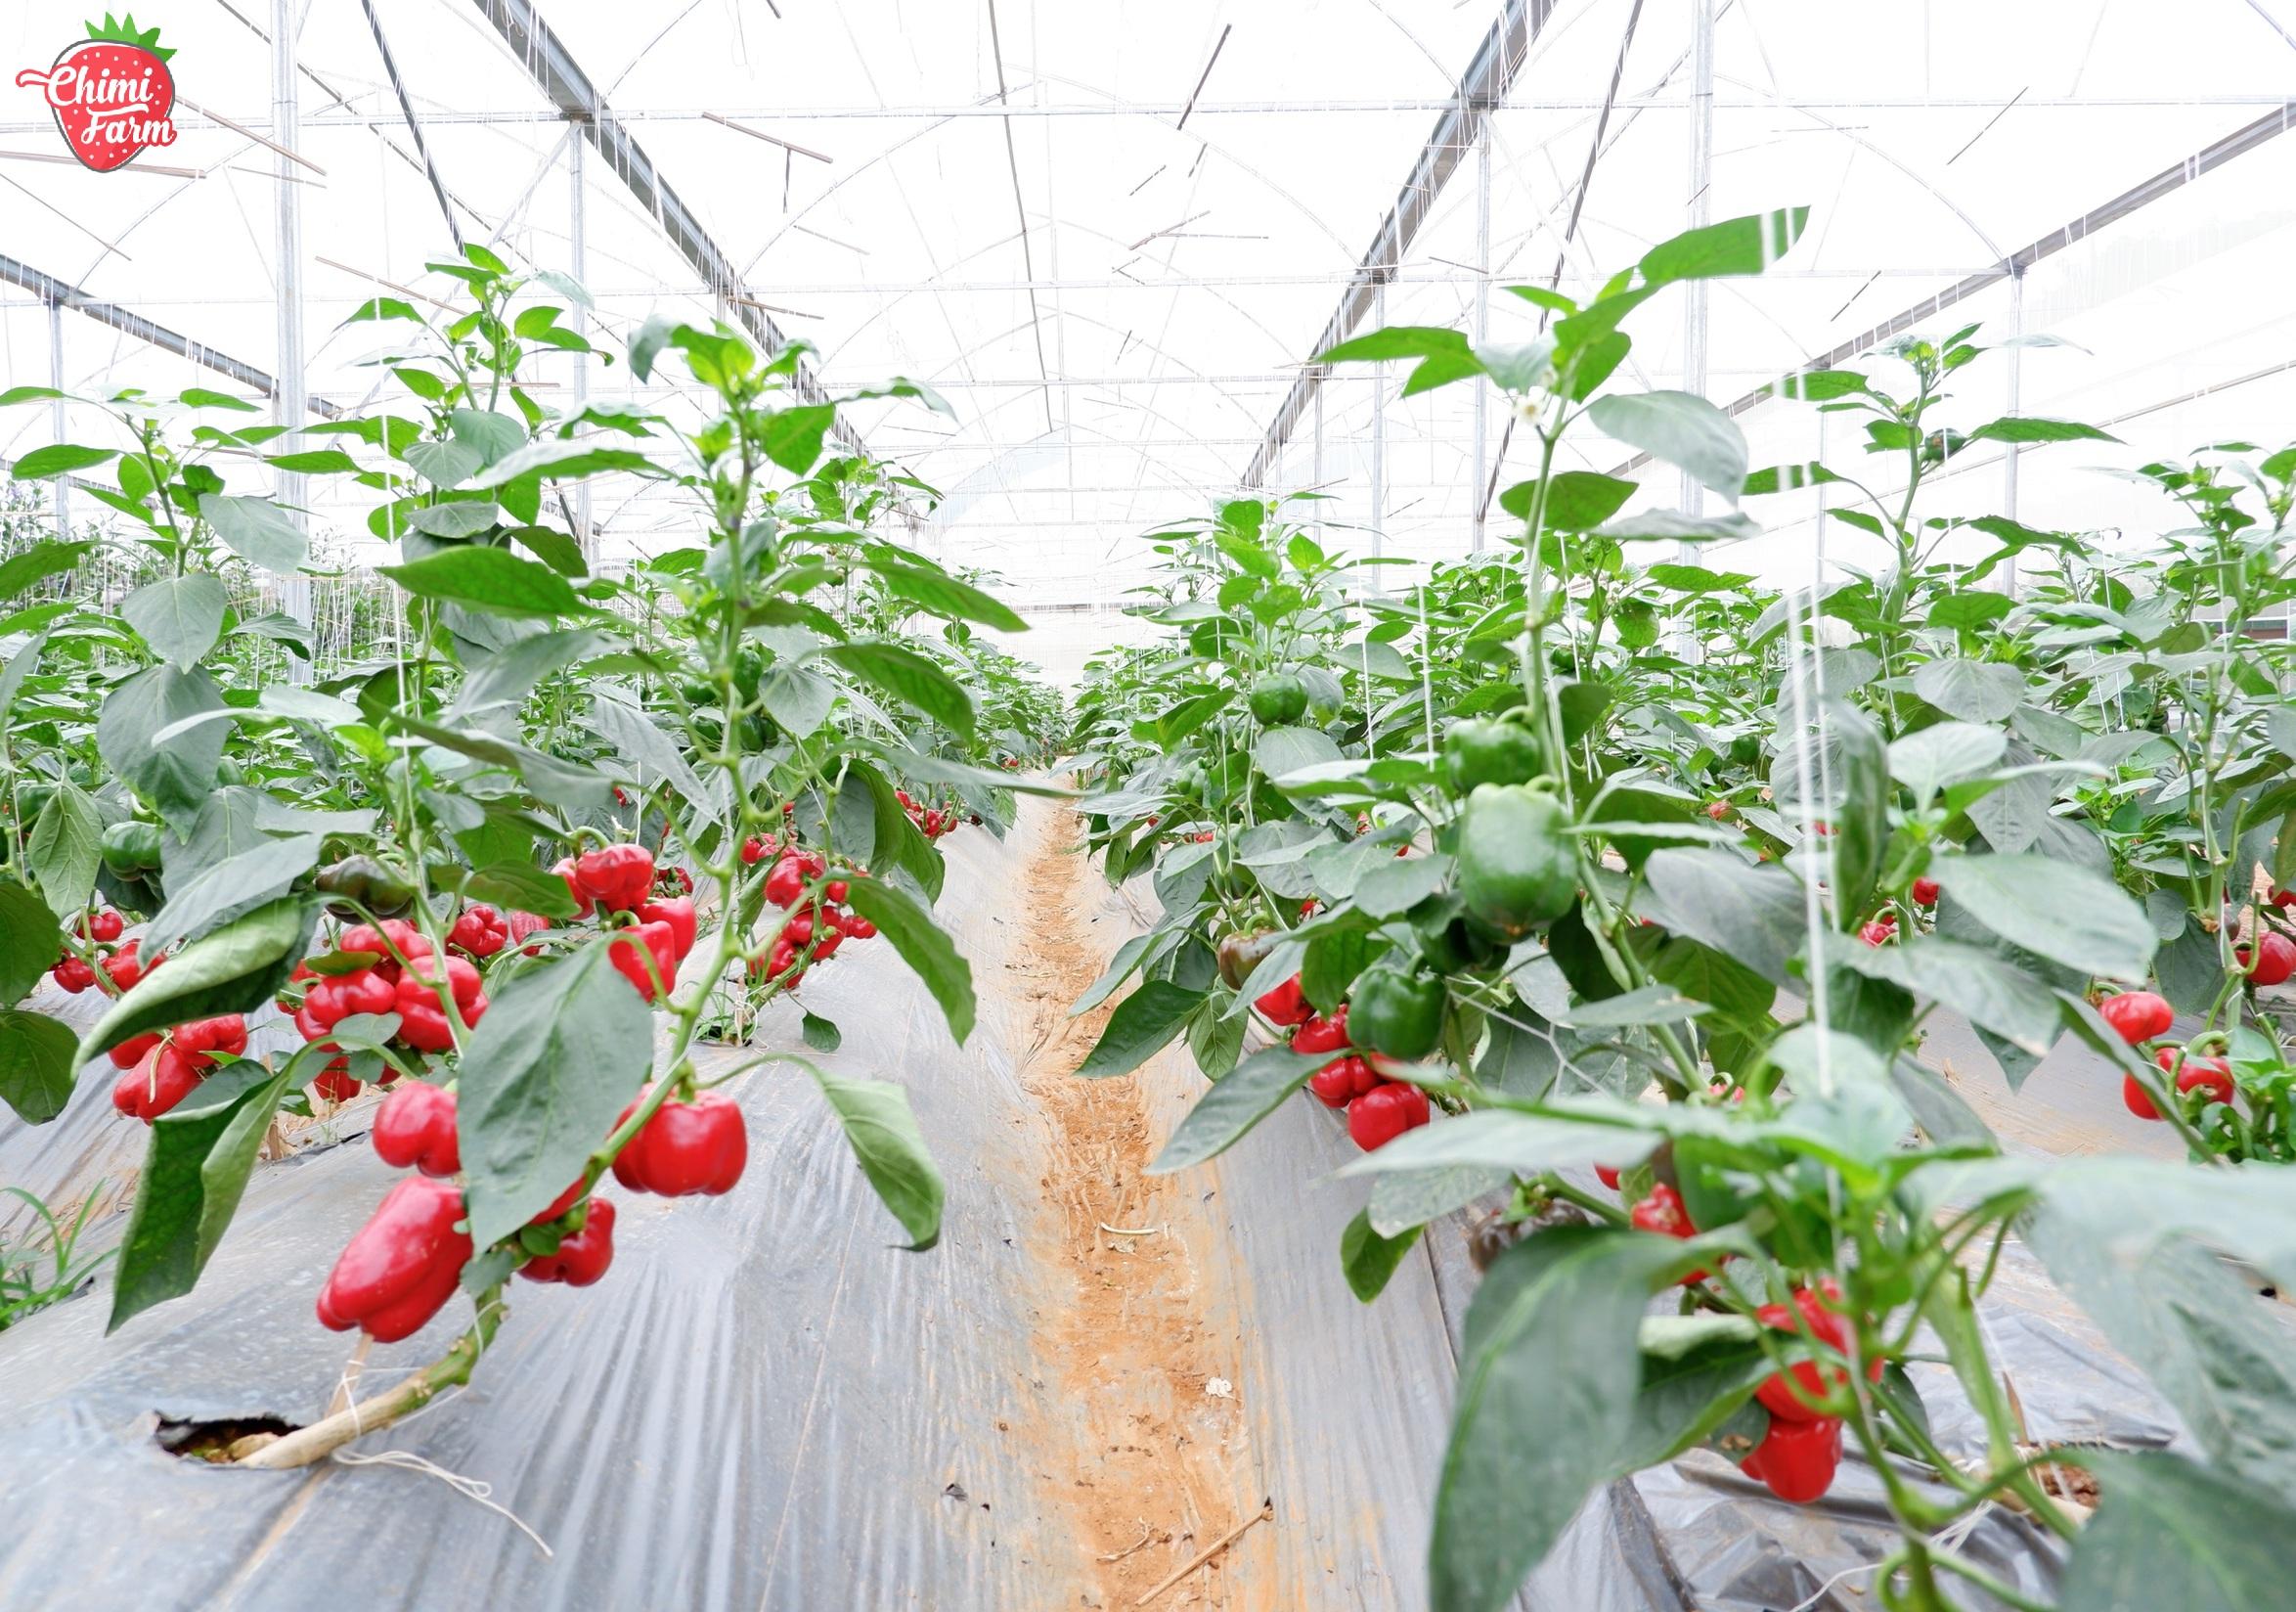 Tháng 10 Chimi Farm có gì?